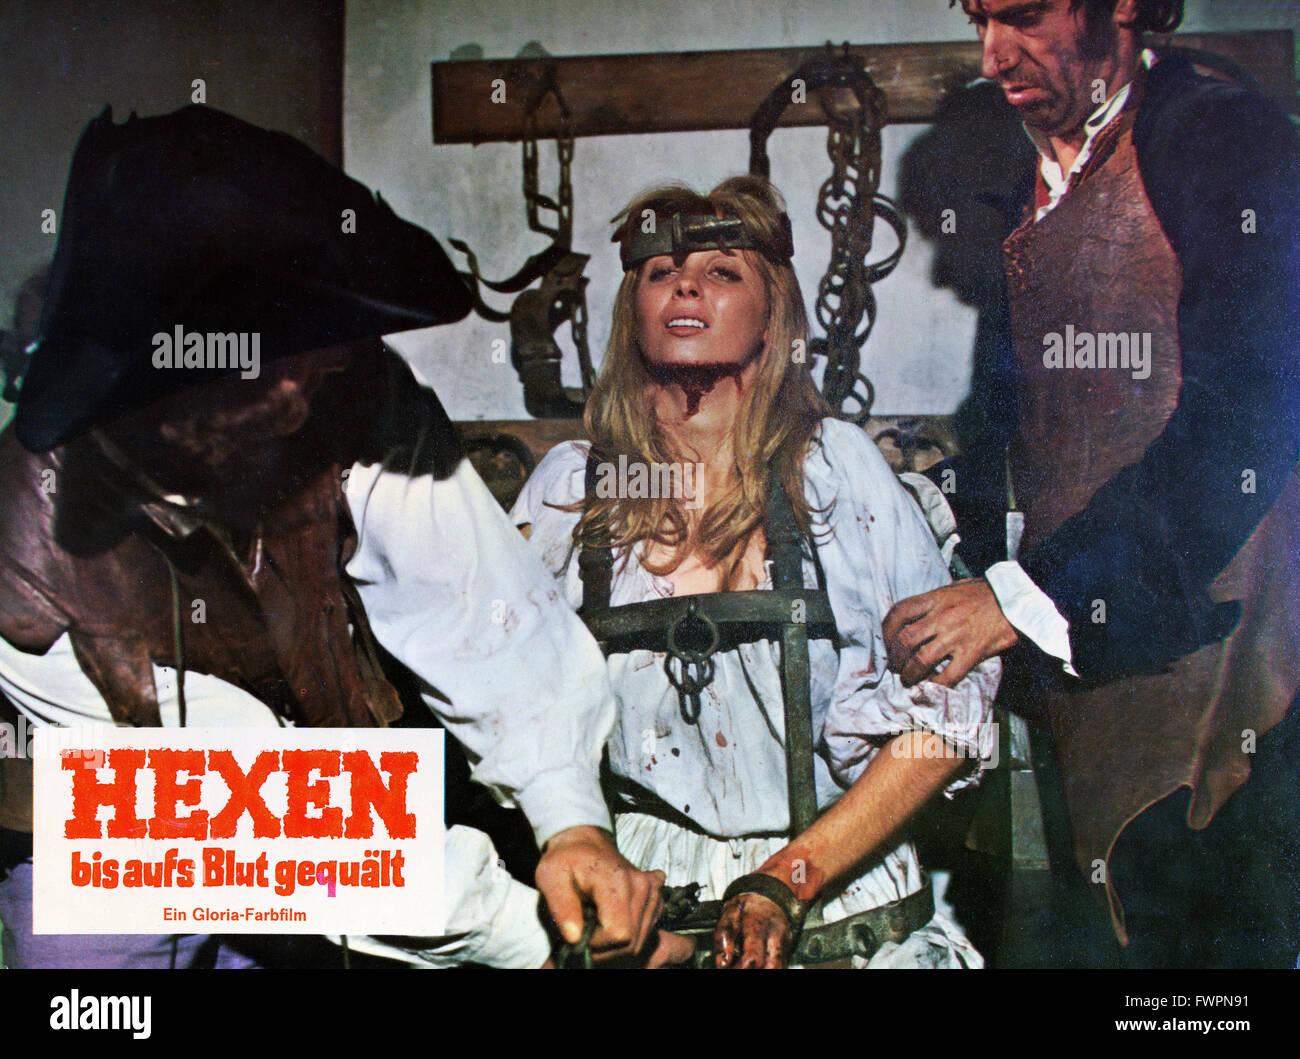 Hexen Folter Stockfotos & Hexen Folter Bilder - Alamy